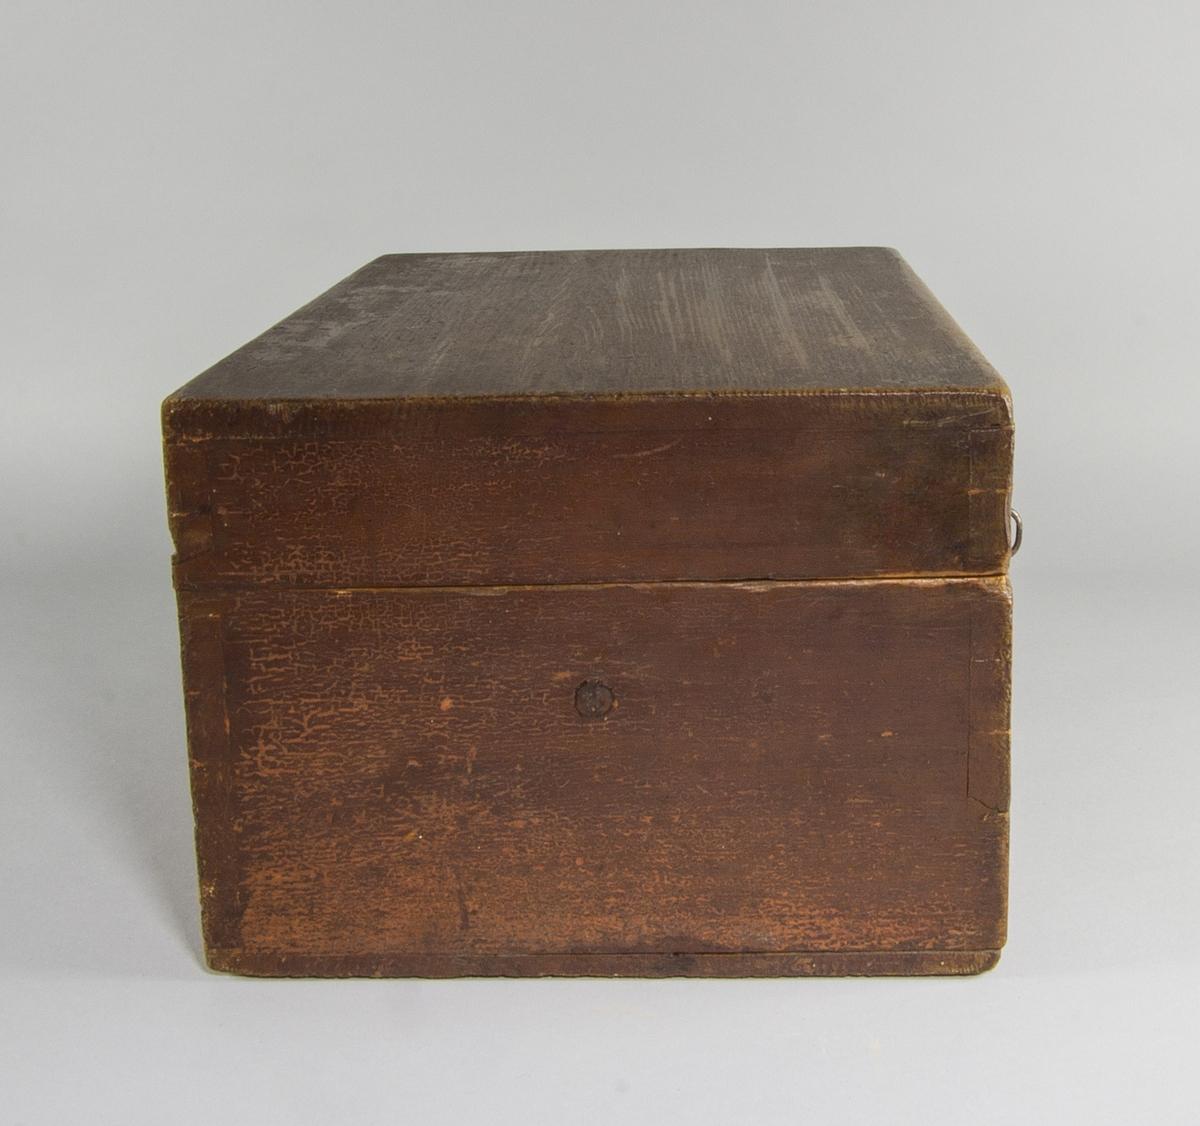 Sockerskrin i målat trä. Rektangulärt till formen, försett med fällock, lås och nyckel. Undertill låda. Bottnet till skrinets övre del utgörs av platta av perforerad plåt. Över detta trälist varpå sockerkniv med svarvat skaft är monterad. Uppsamlingslådan undertill är utdragbar och försedd med metallknopp.